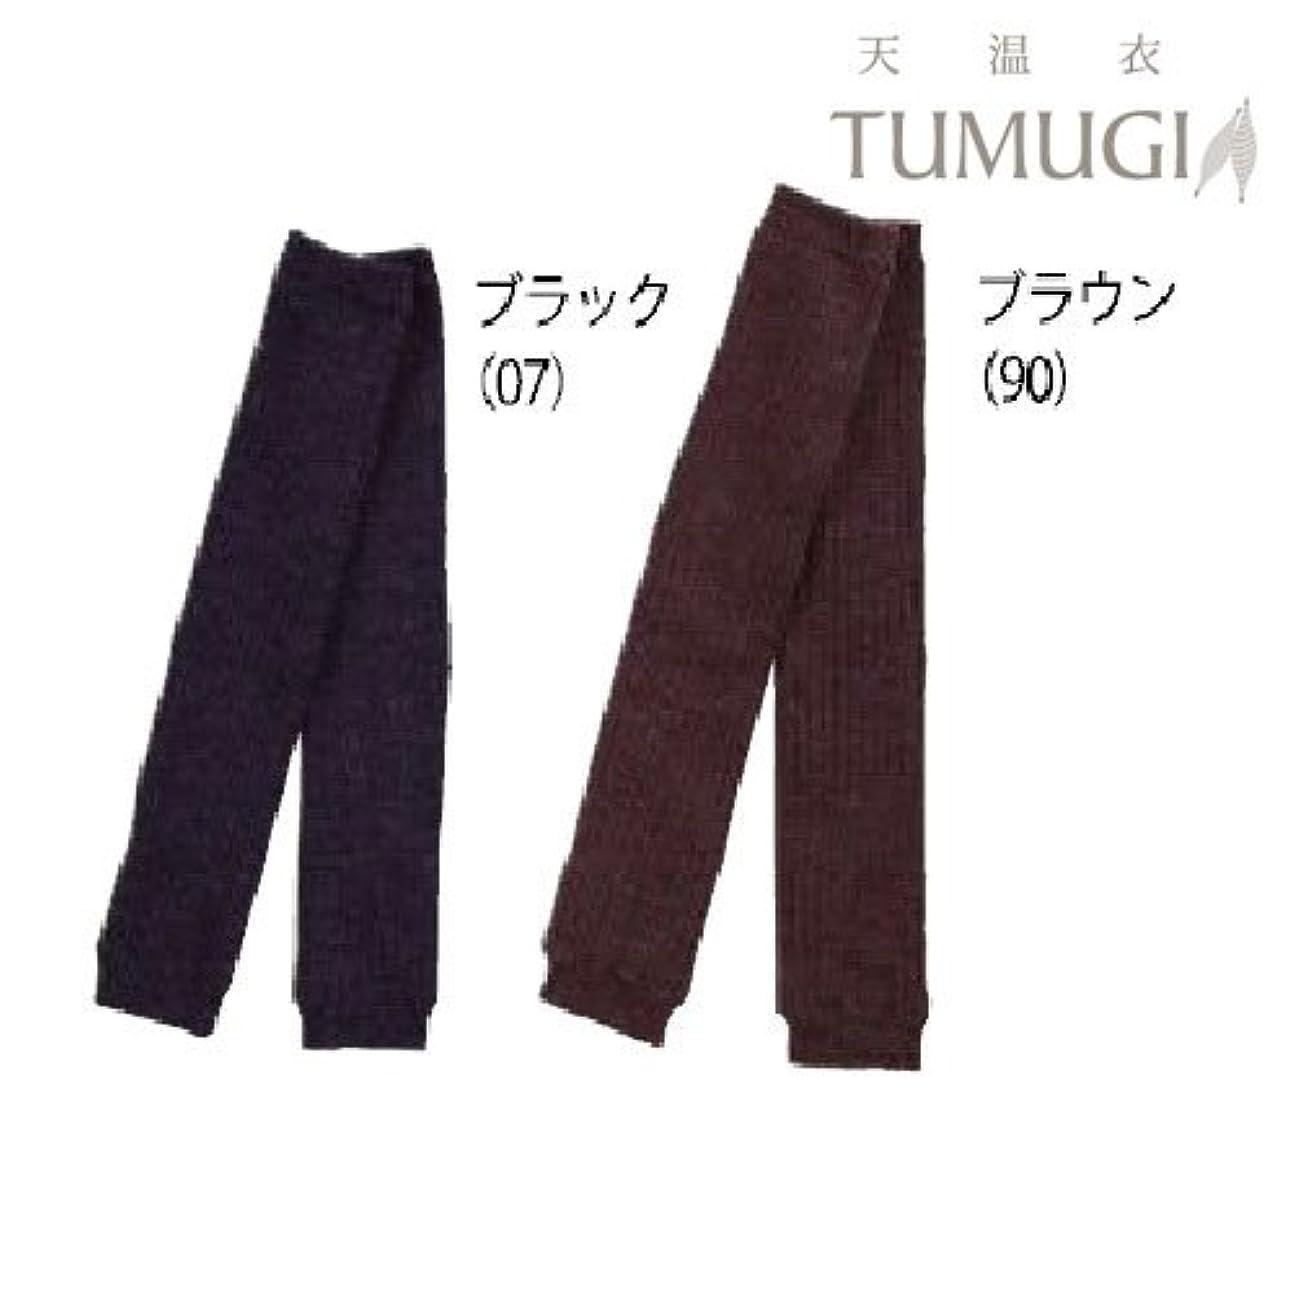 サーバワイヤーインスタンス天温衣TUMUGI  ウールとシルクの2重編みレッグウォーマー (ブラック(黒))